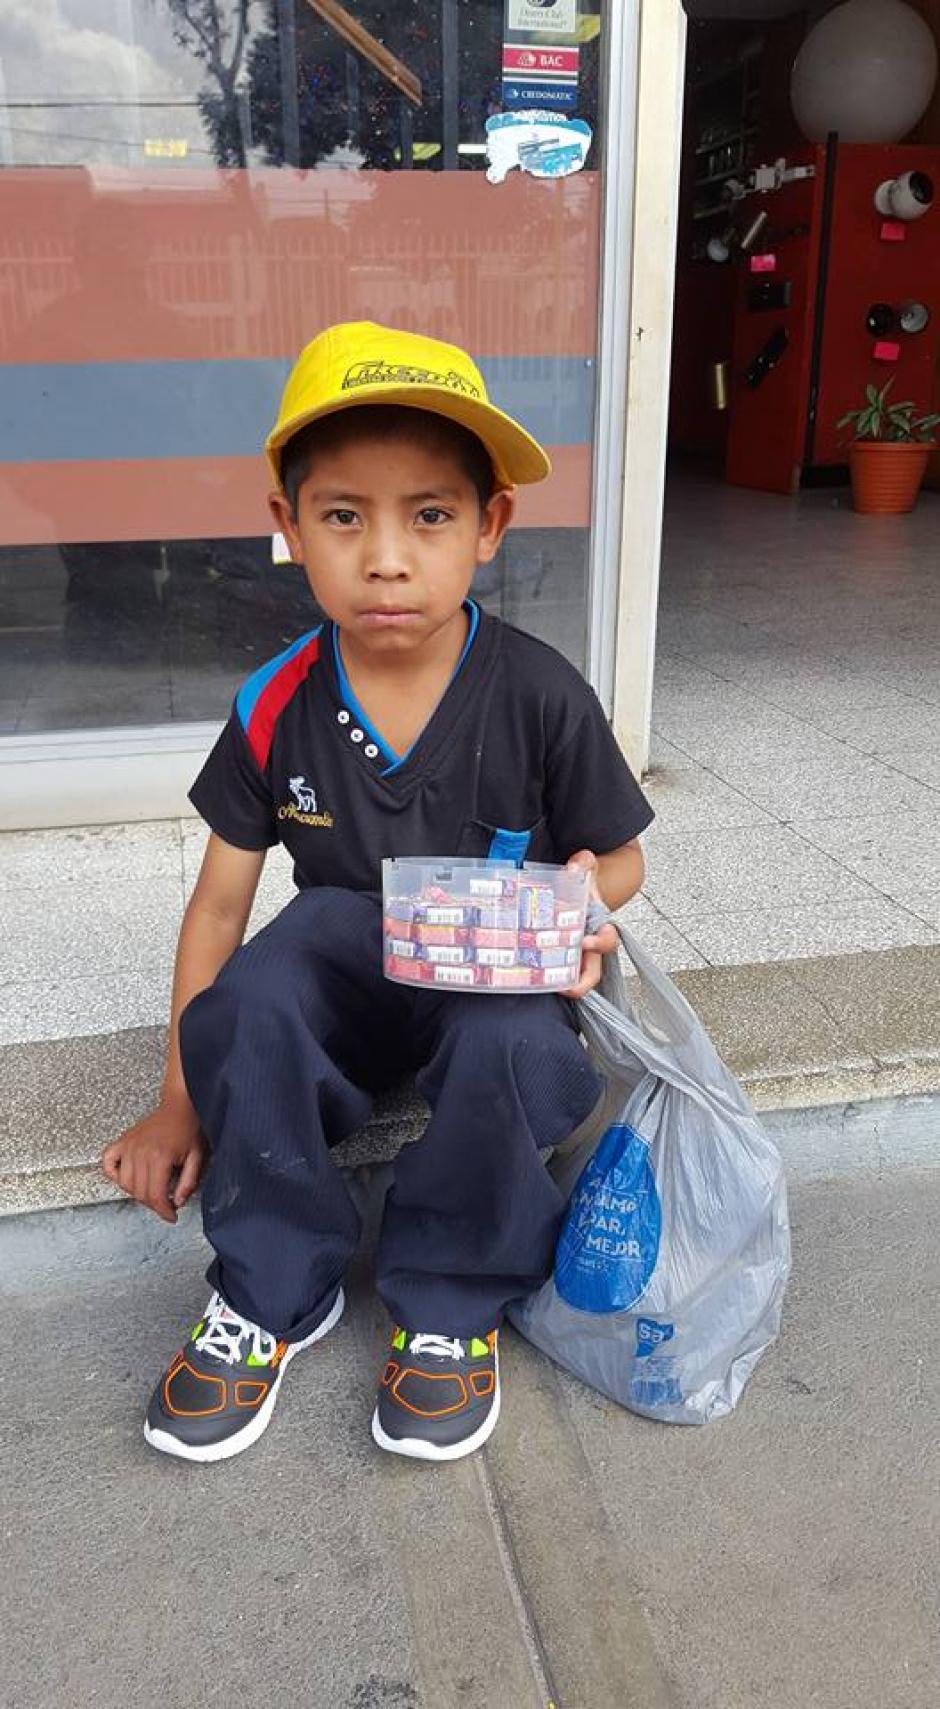 El niño agradeció el buen gesto. El acto se ha hecho viral en las redes sociales. (Foto: Jhon Monsalve)